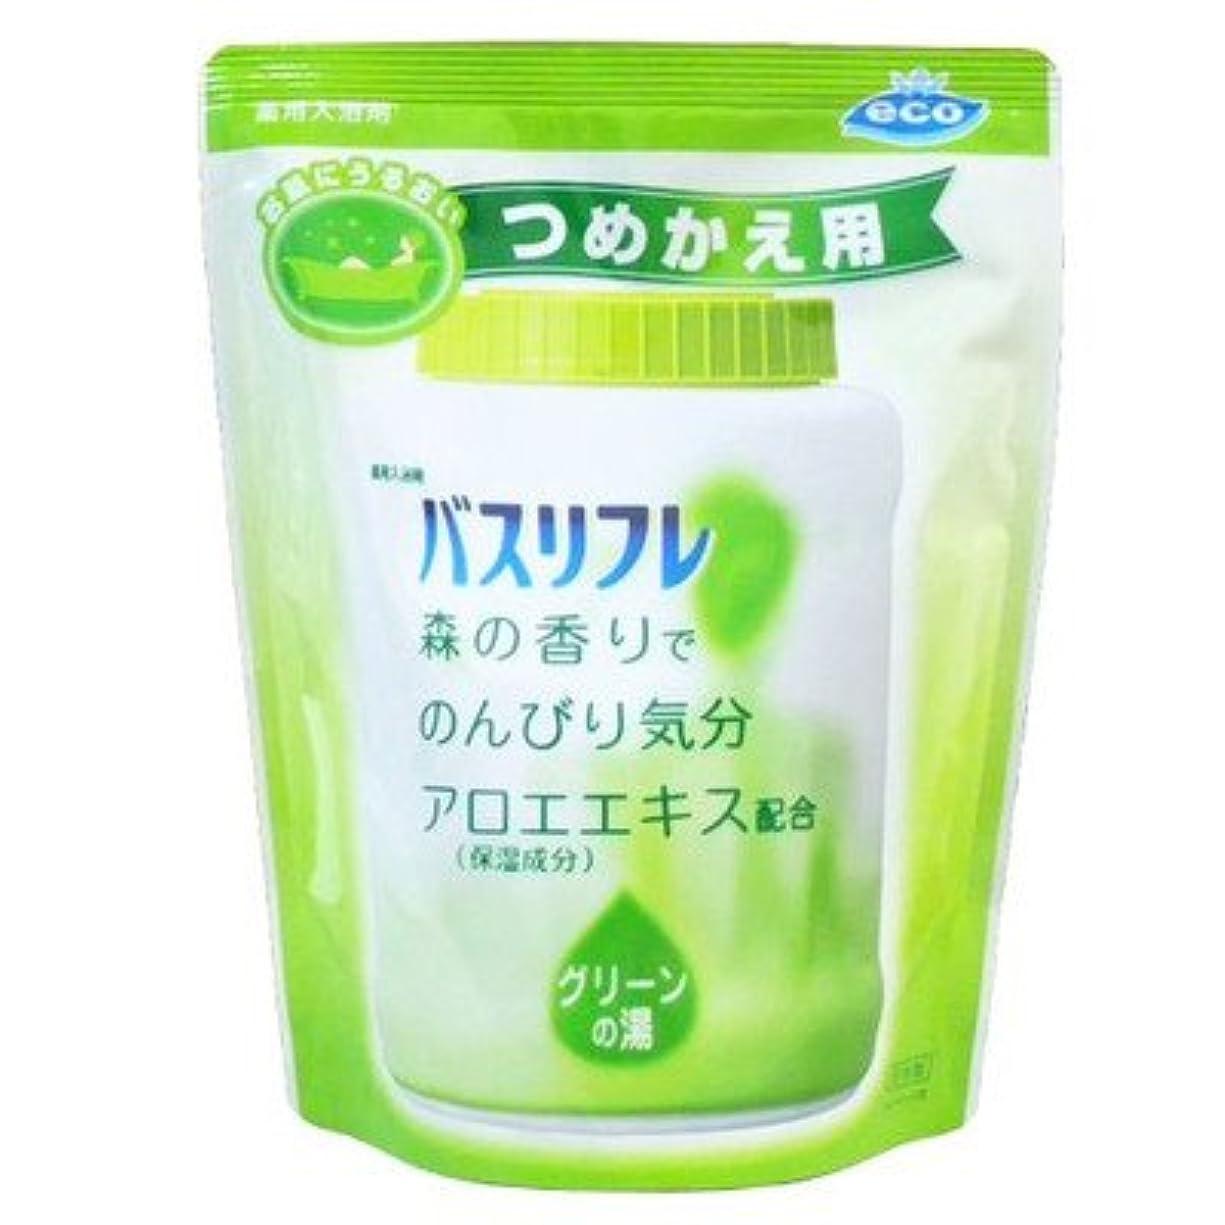 暗殺するカフェテリア予測する薬用入浴剤 バスリフレ グリーンの湯 つめかえ用 540g 森の香り (ライオンケミカル)